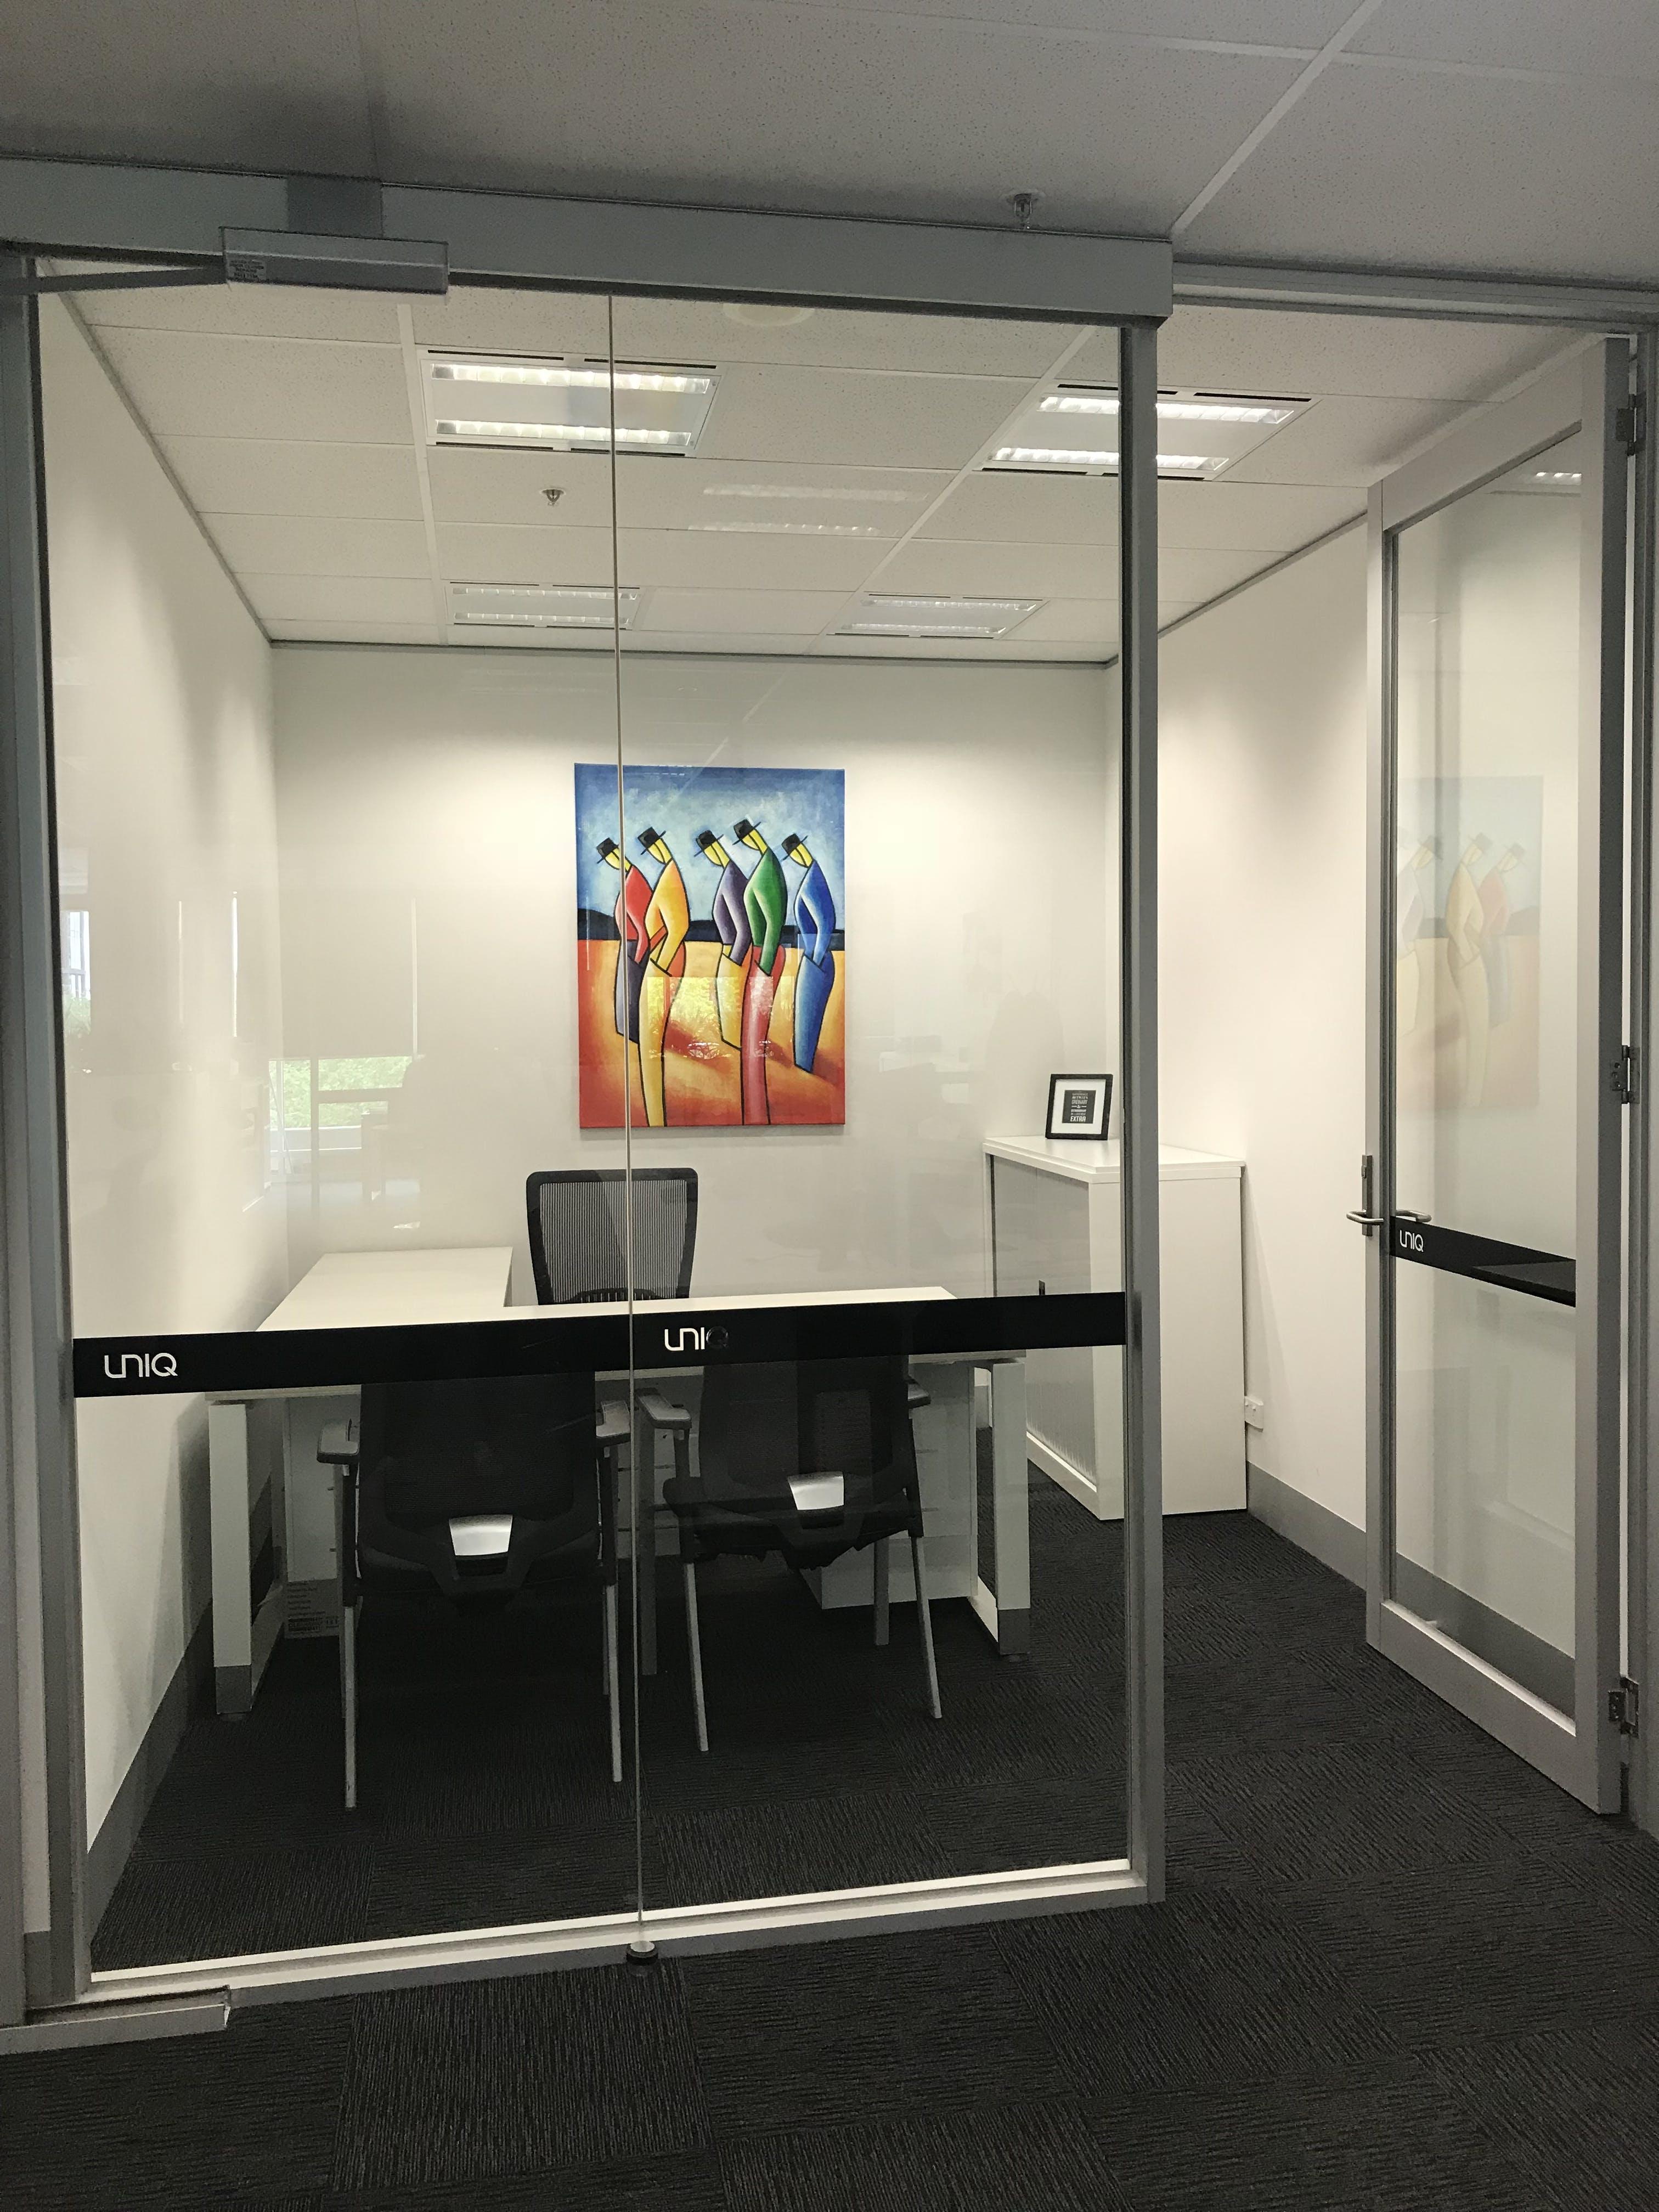 Private Office 1, private office at UNIQ, image 1